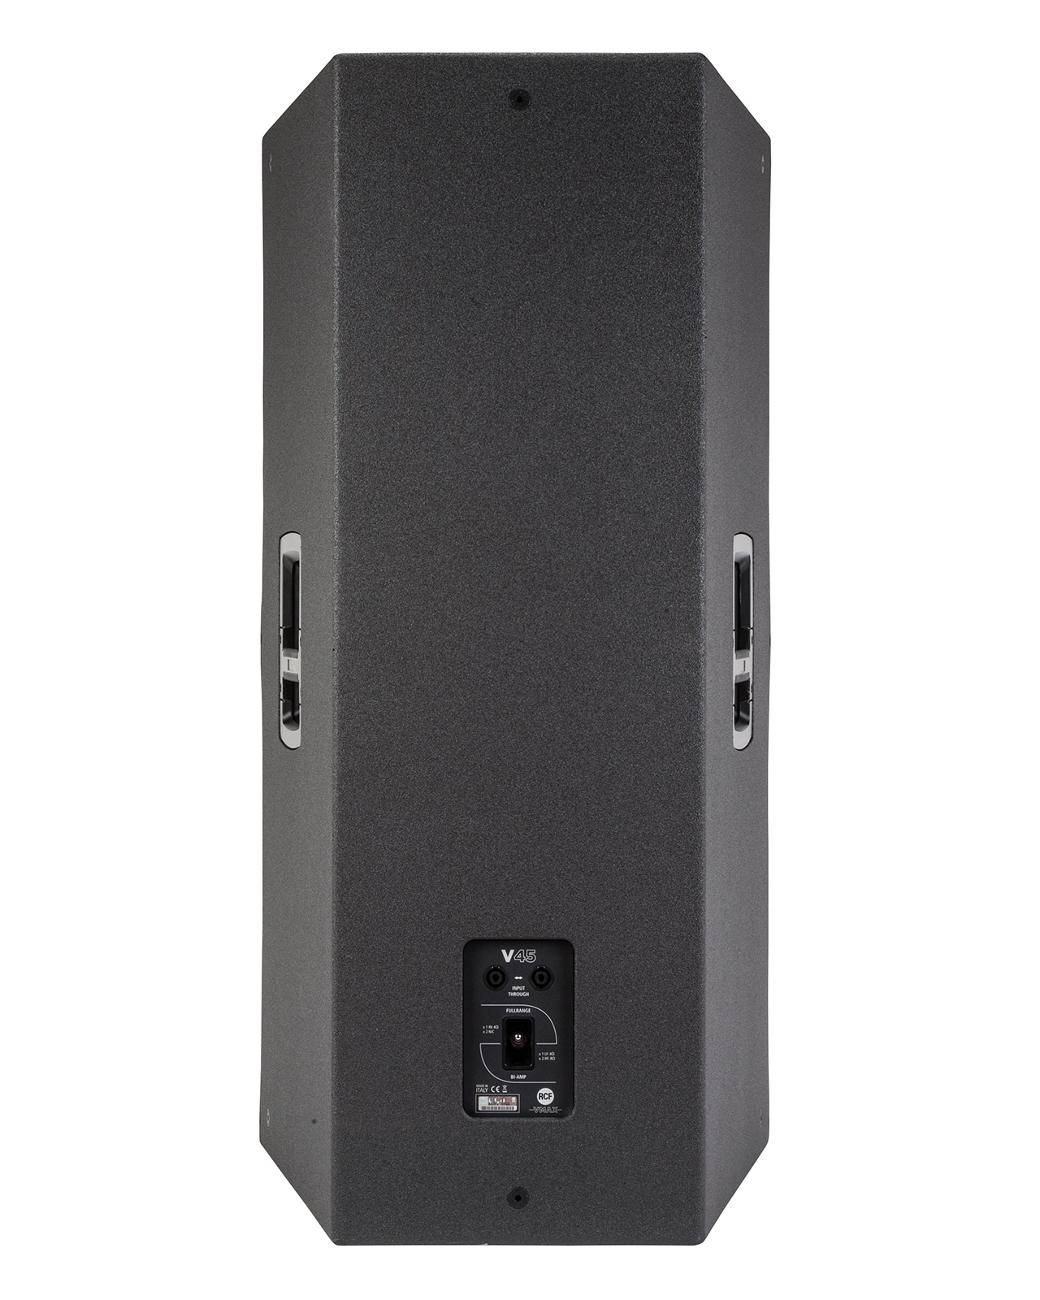 Full Range Passive Tw-Way Speaker, 2 x 15 Front-Loaded